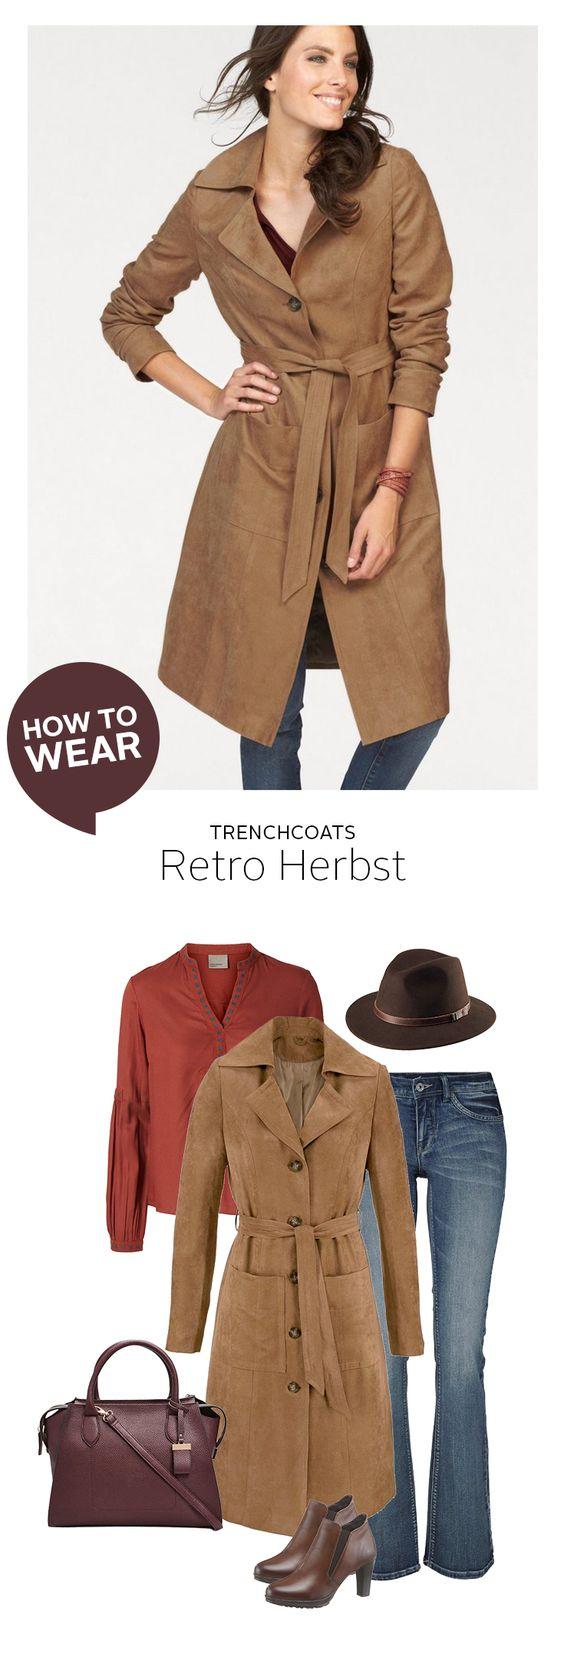 Dieser Herbst wird retro-chic: Der Wildleder-Trenchcoat von Tamaris erhält durch J. Jayz Hut und Next Handtasche einen mondänen Touch, der in schönem Kontrast zur Vero Moda Bluse steht, und Herbstfarben perfekt in Szene setzt. Die schlichte Arizona Jeans macht das Outfit alltagstauglich.